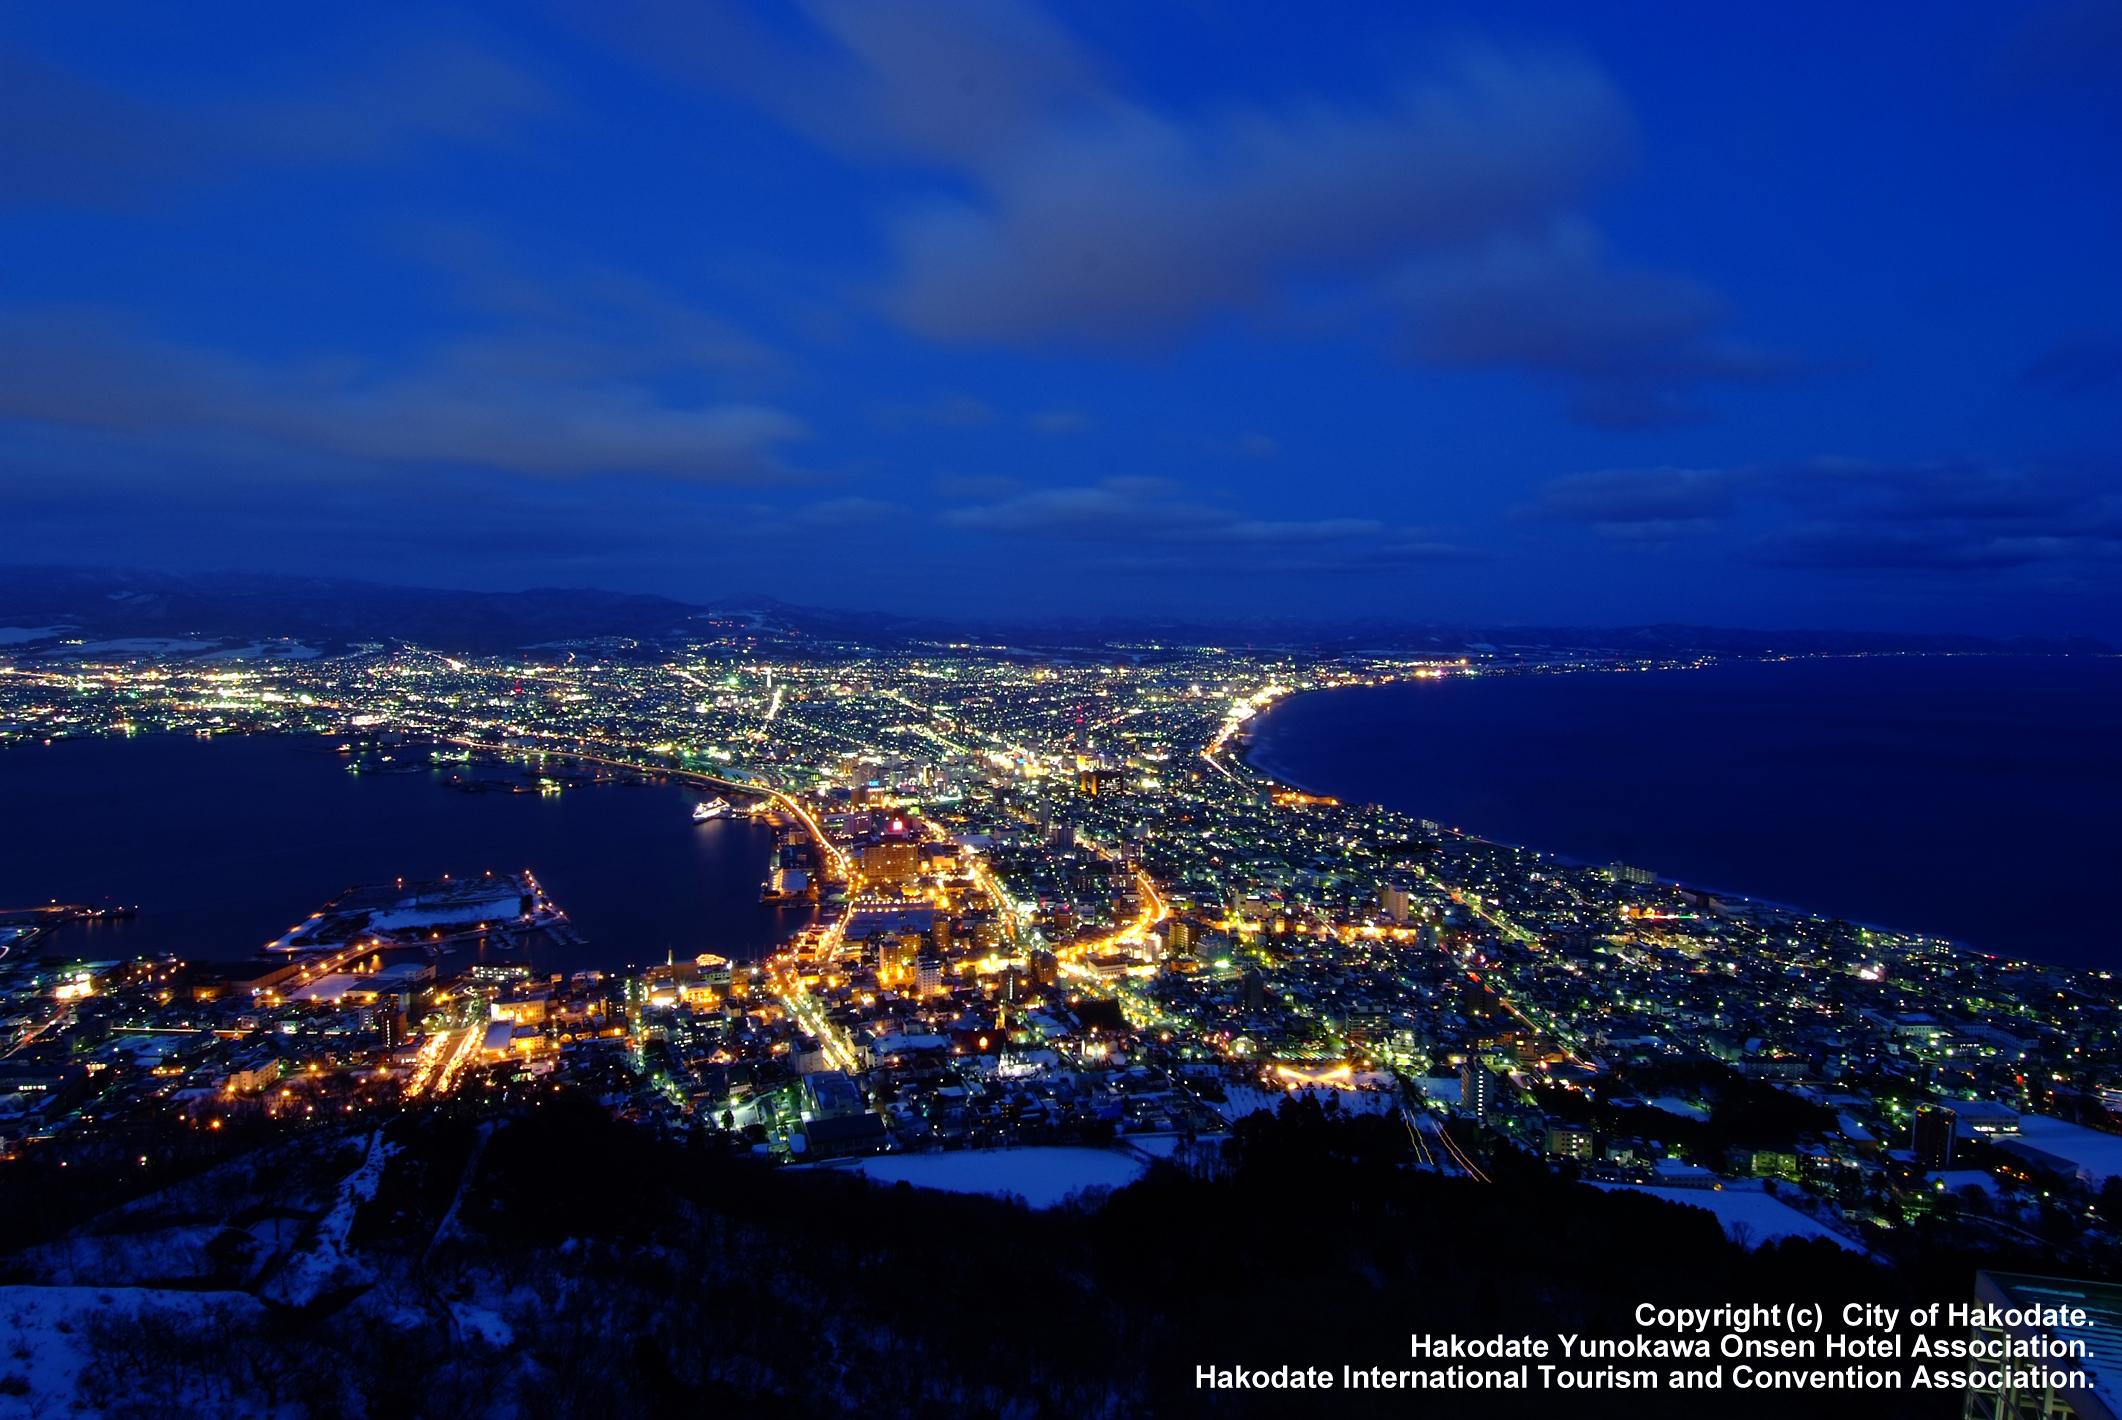 夜景の画像 p1_2